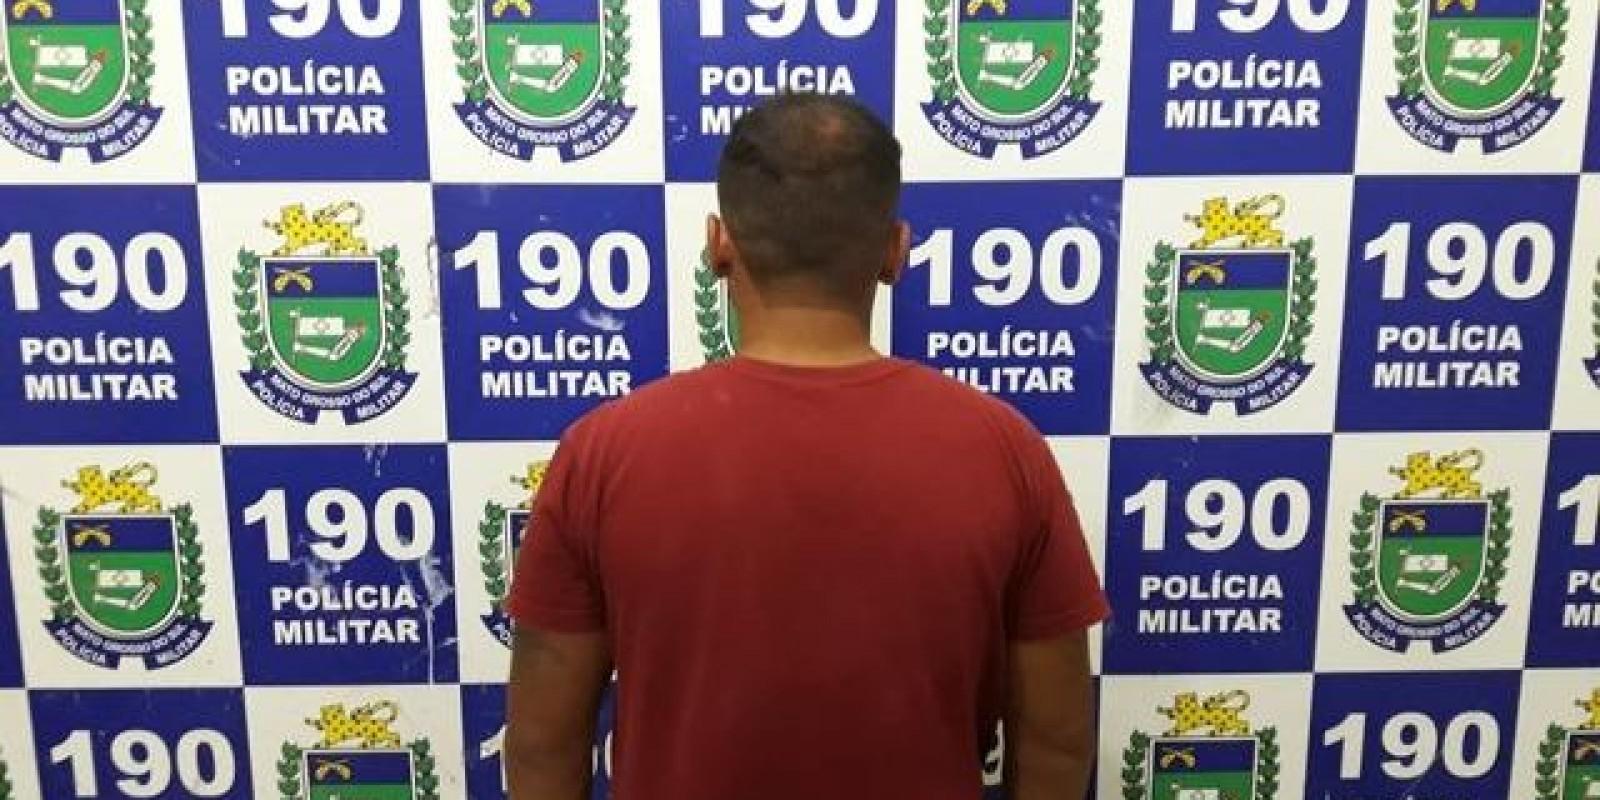 Polícia Militar cumpre mandado de prisão em Três Lagoas